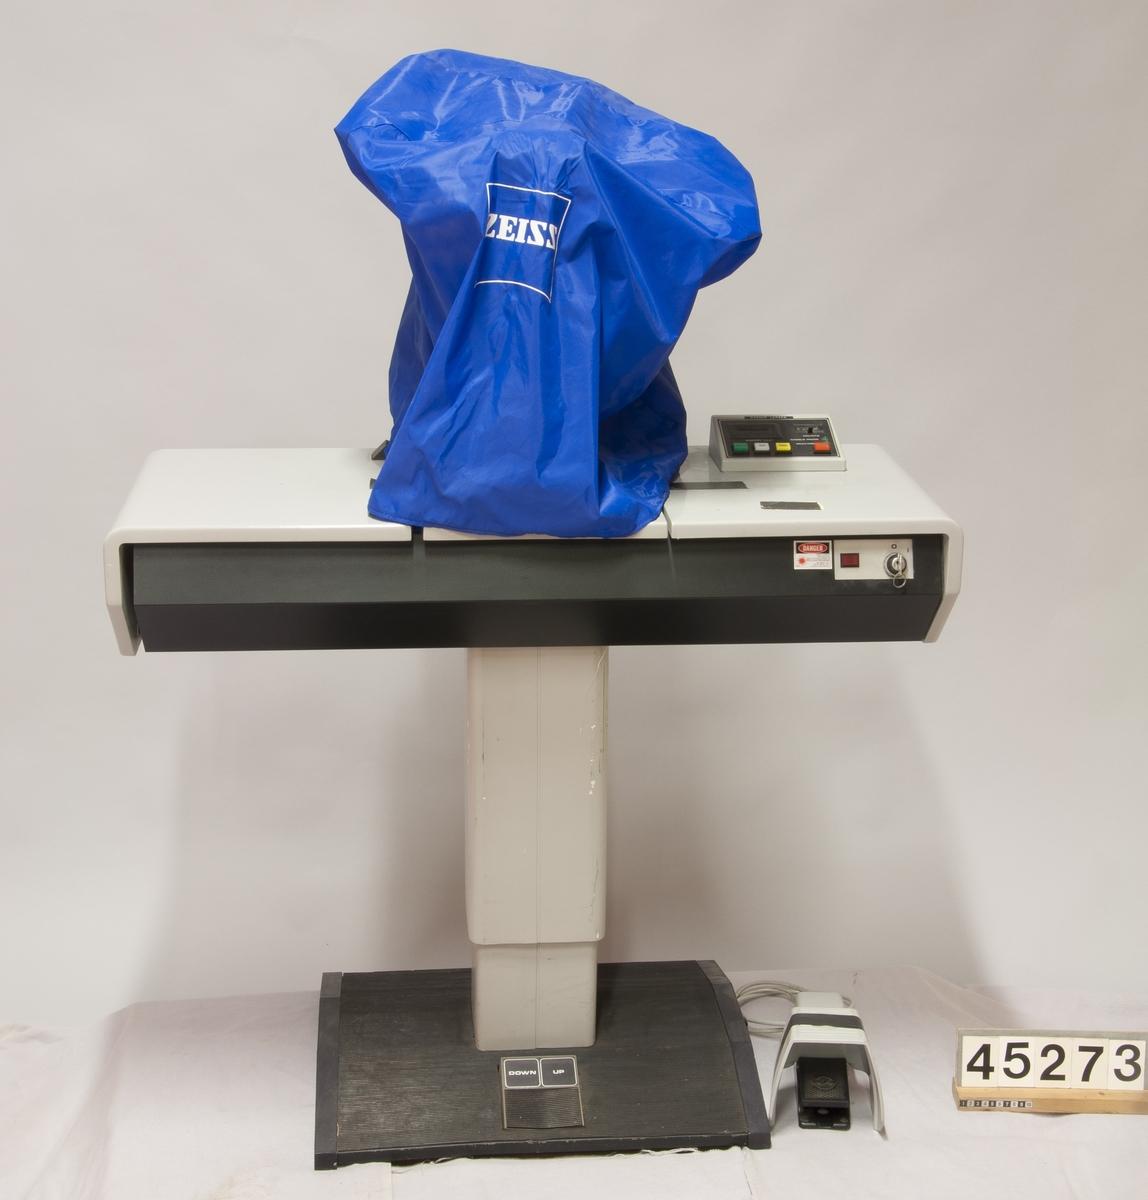 """Q-switchad YAG-laser med våglängden 1064 nanometer (infraröd). Effekt per puls några få millijoule. Fokusering görs med HeNe-laser. Laserhuvudet är vattenkylt, strömförsörjning och kylvattenpump är integrerade i bordet.  En YAG-laser används för behandling av efterstarr efter att linsen i ögat bytts ut mot en konstgjord. Man kan behöva """"klippa"""" bort delar av linskapseln som grumlats. Den kan också användas för att klippa hål i regnbågshinnan (iris) vid trångvinkelglaukom eller klippa av strängar och grumlingar djupare in i ögat.  Till utrustningen hör: - två mikroskopobjektiv f=125 mm samt två okular 2,5 x. - fyra kontaktlinser för behandling varav: - två linser CGA 1 för behandling i kammarvinkel, tillverkare Lasag AG, Thun, Schweiz - en lins CGP 1 för behandling i pupillregionen, tillverkare Lasag AG, Thun, Schweiz - en lins """"Osmy trokel single mirror"""" tillverkare Ocular Instruments, Inc. Bellevue, Wa, USA - en pedal för att aktivera lasern, typ F1 SU1 tillverkare Bernstein Schaltsysteme, Porta, Westfalen, Tyskland - skyddshuva i nylon märkt Zeiss  Behandlingen går till så att läkaren ser in i ögat genom utrustningens mikroskop. Till hjälp för fokusering av lasern finns synligt laserljus. En kort puls av laser med högre effekt fokuseras i vävnaden, där en ångblåsa omedelbart bildas och spränger isär vävnaden. Genom att upprepade gånger """"klippa"""" i ett grumlat område av linssäcken skapas en öppning så att ljus åter kommer obehindrat genom ögat."""